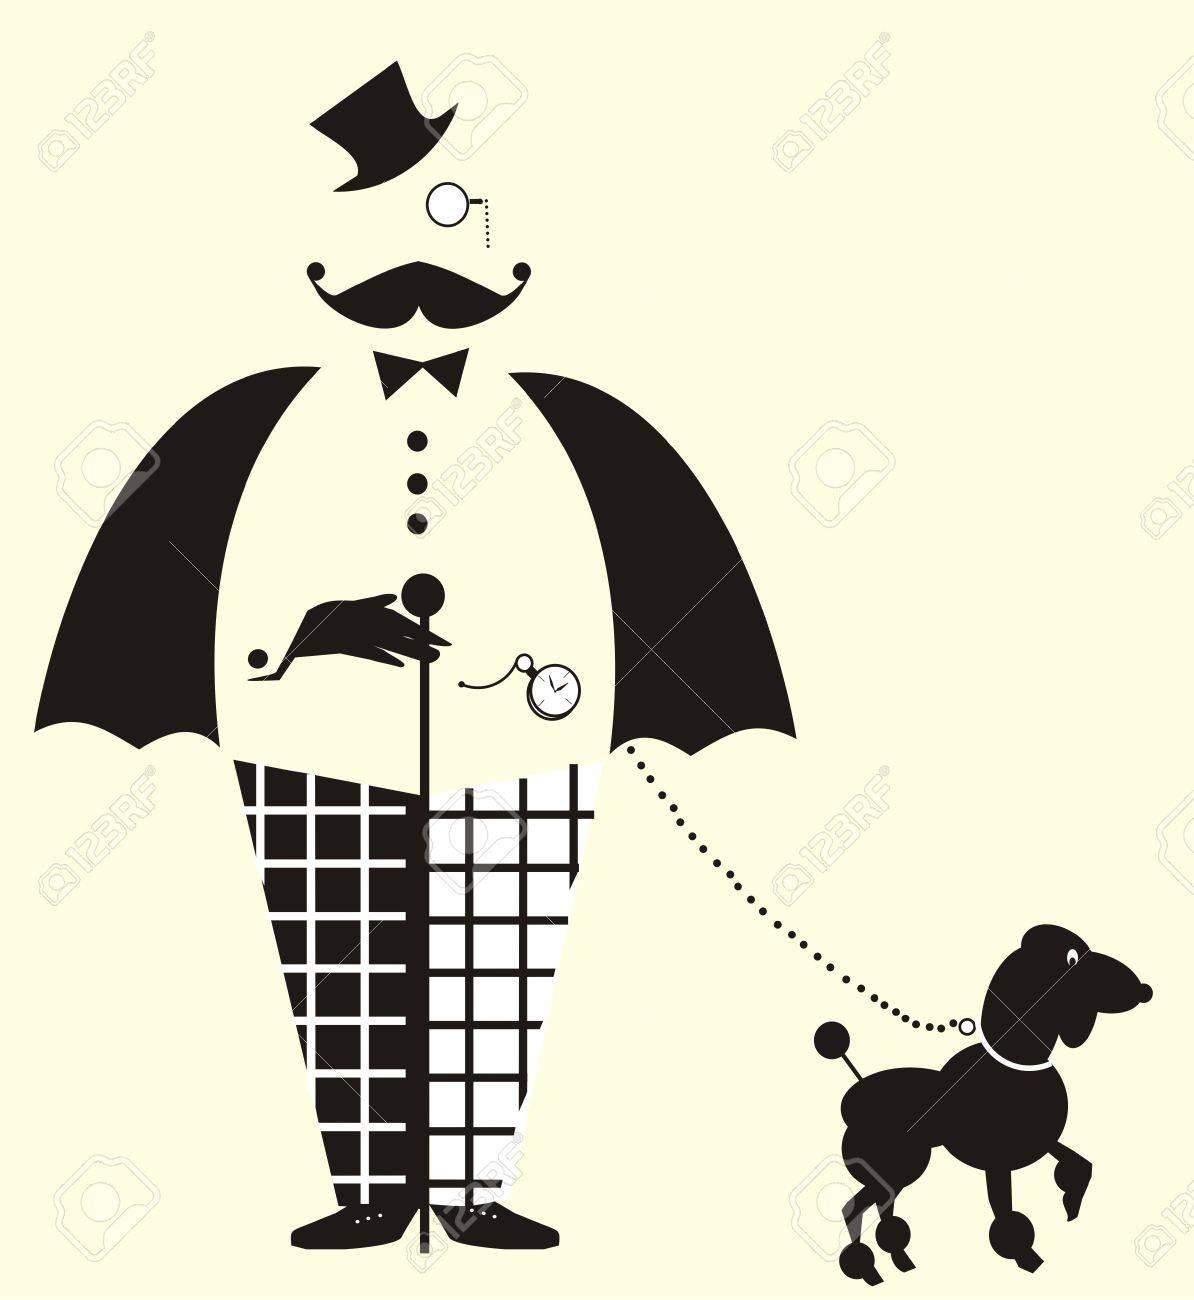 Fun Gentlemanwith Un Chien Dessin Vectoriel Avec Un Pantalon à Carreaux Gentleman Amusement Et Un Nud Papillon Avec Un Chien